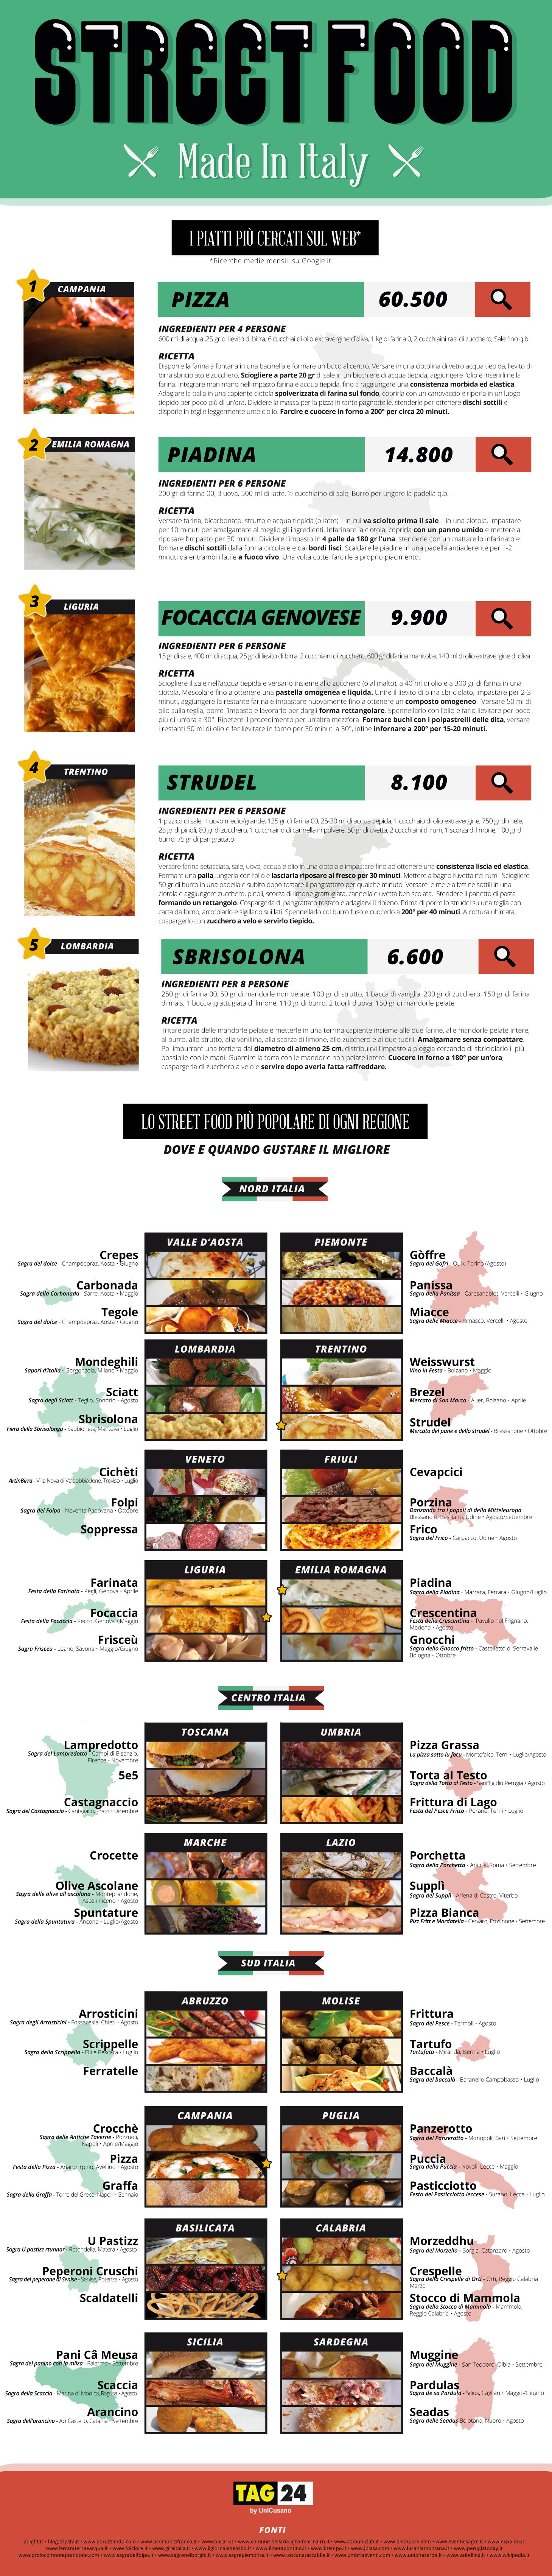 Street food: il tour gastronomico d'Italia in un'infografica